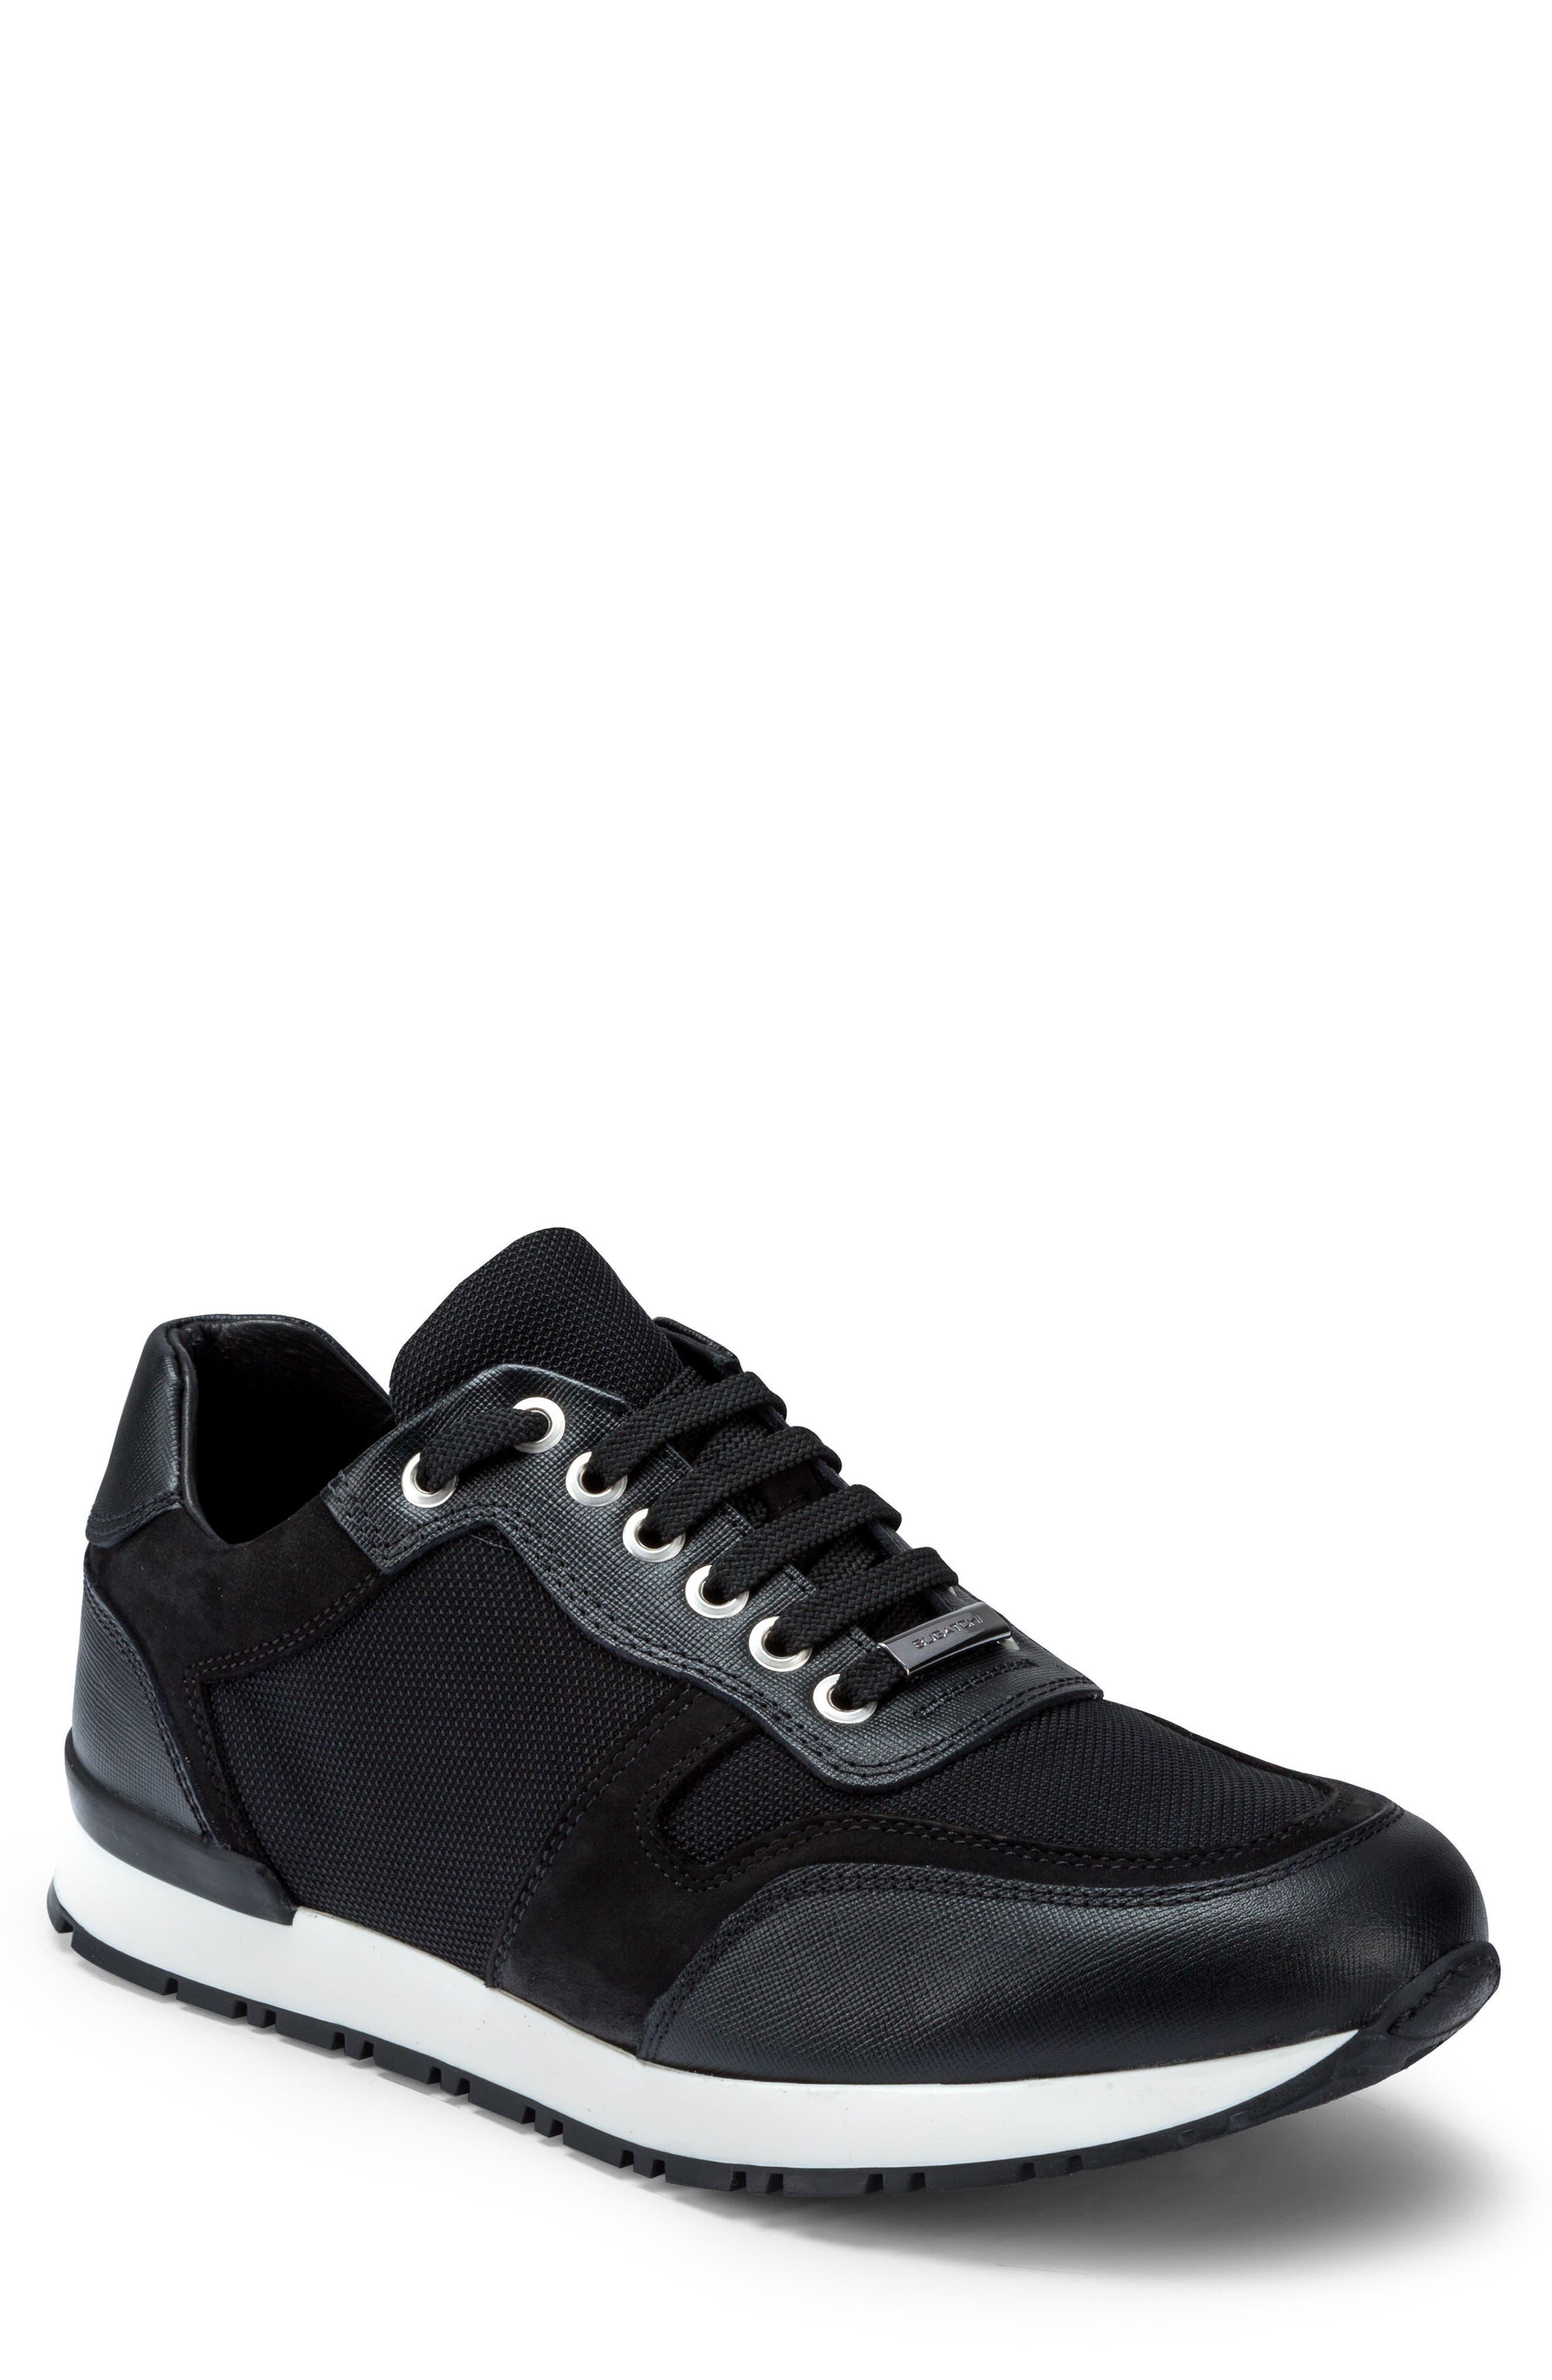 Modena Sneaker,                         Main,                         color, Nero